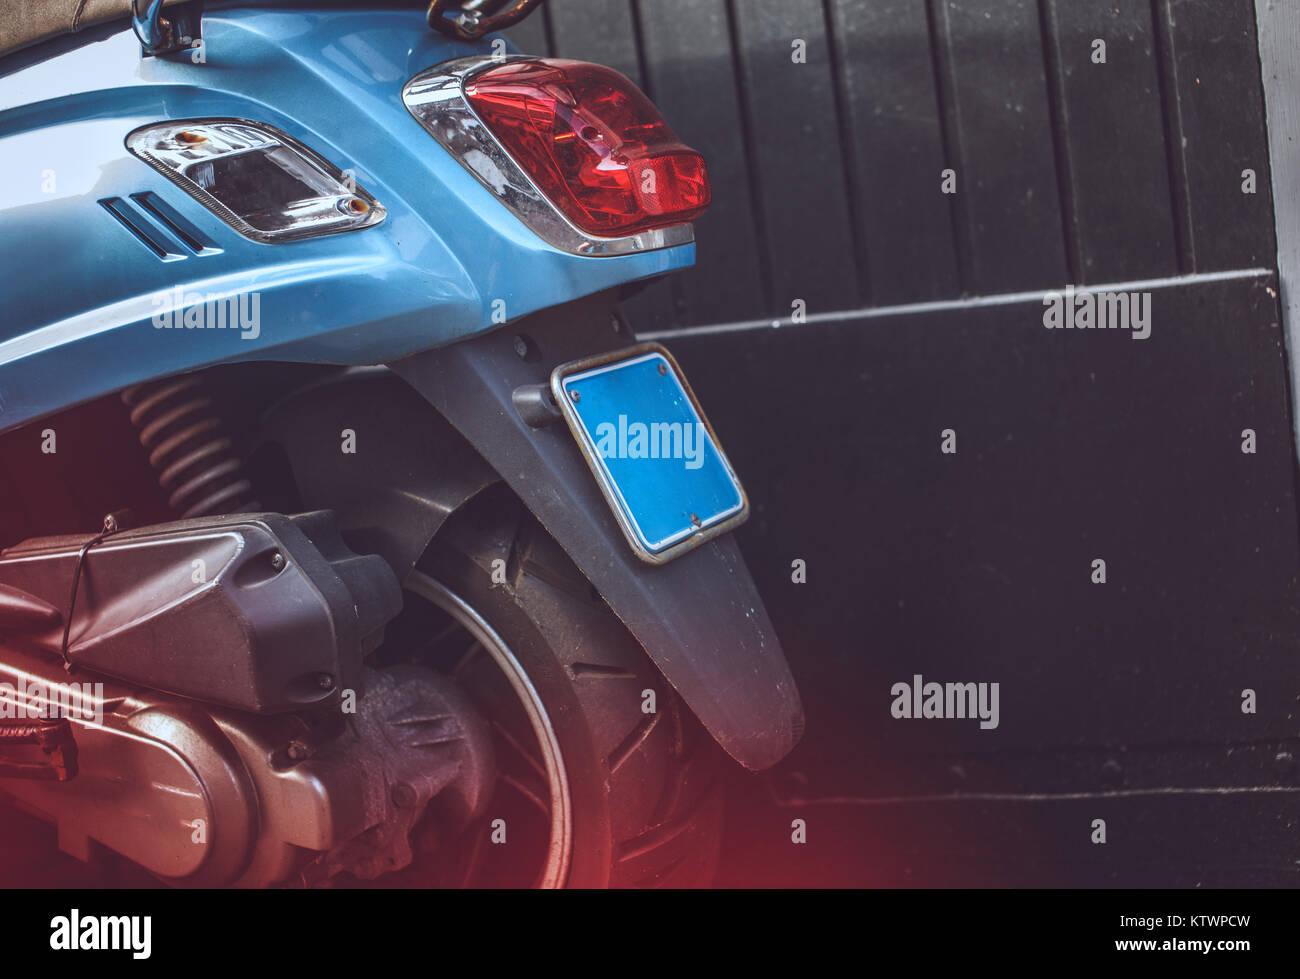 La partie arrière du scooter bleu. Banque D'Images